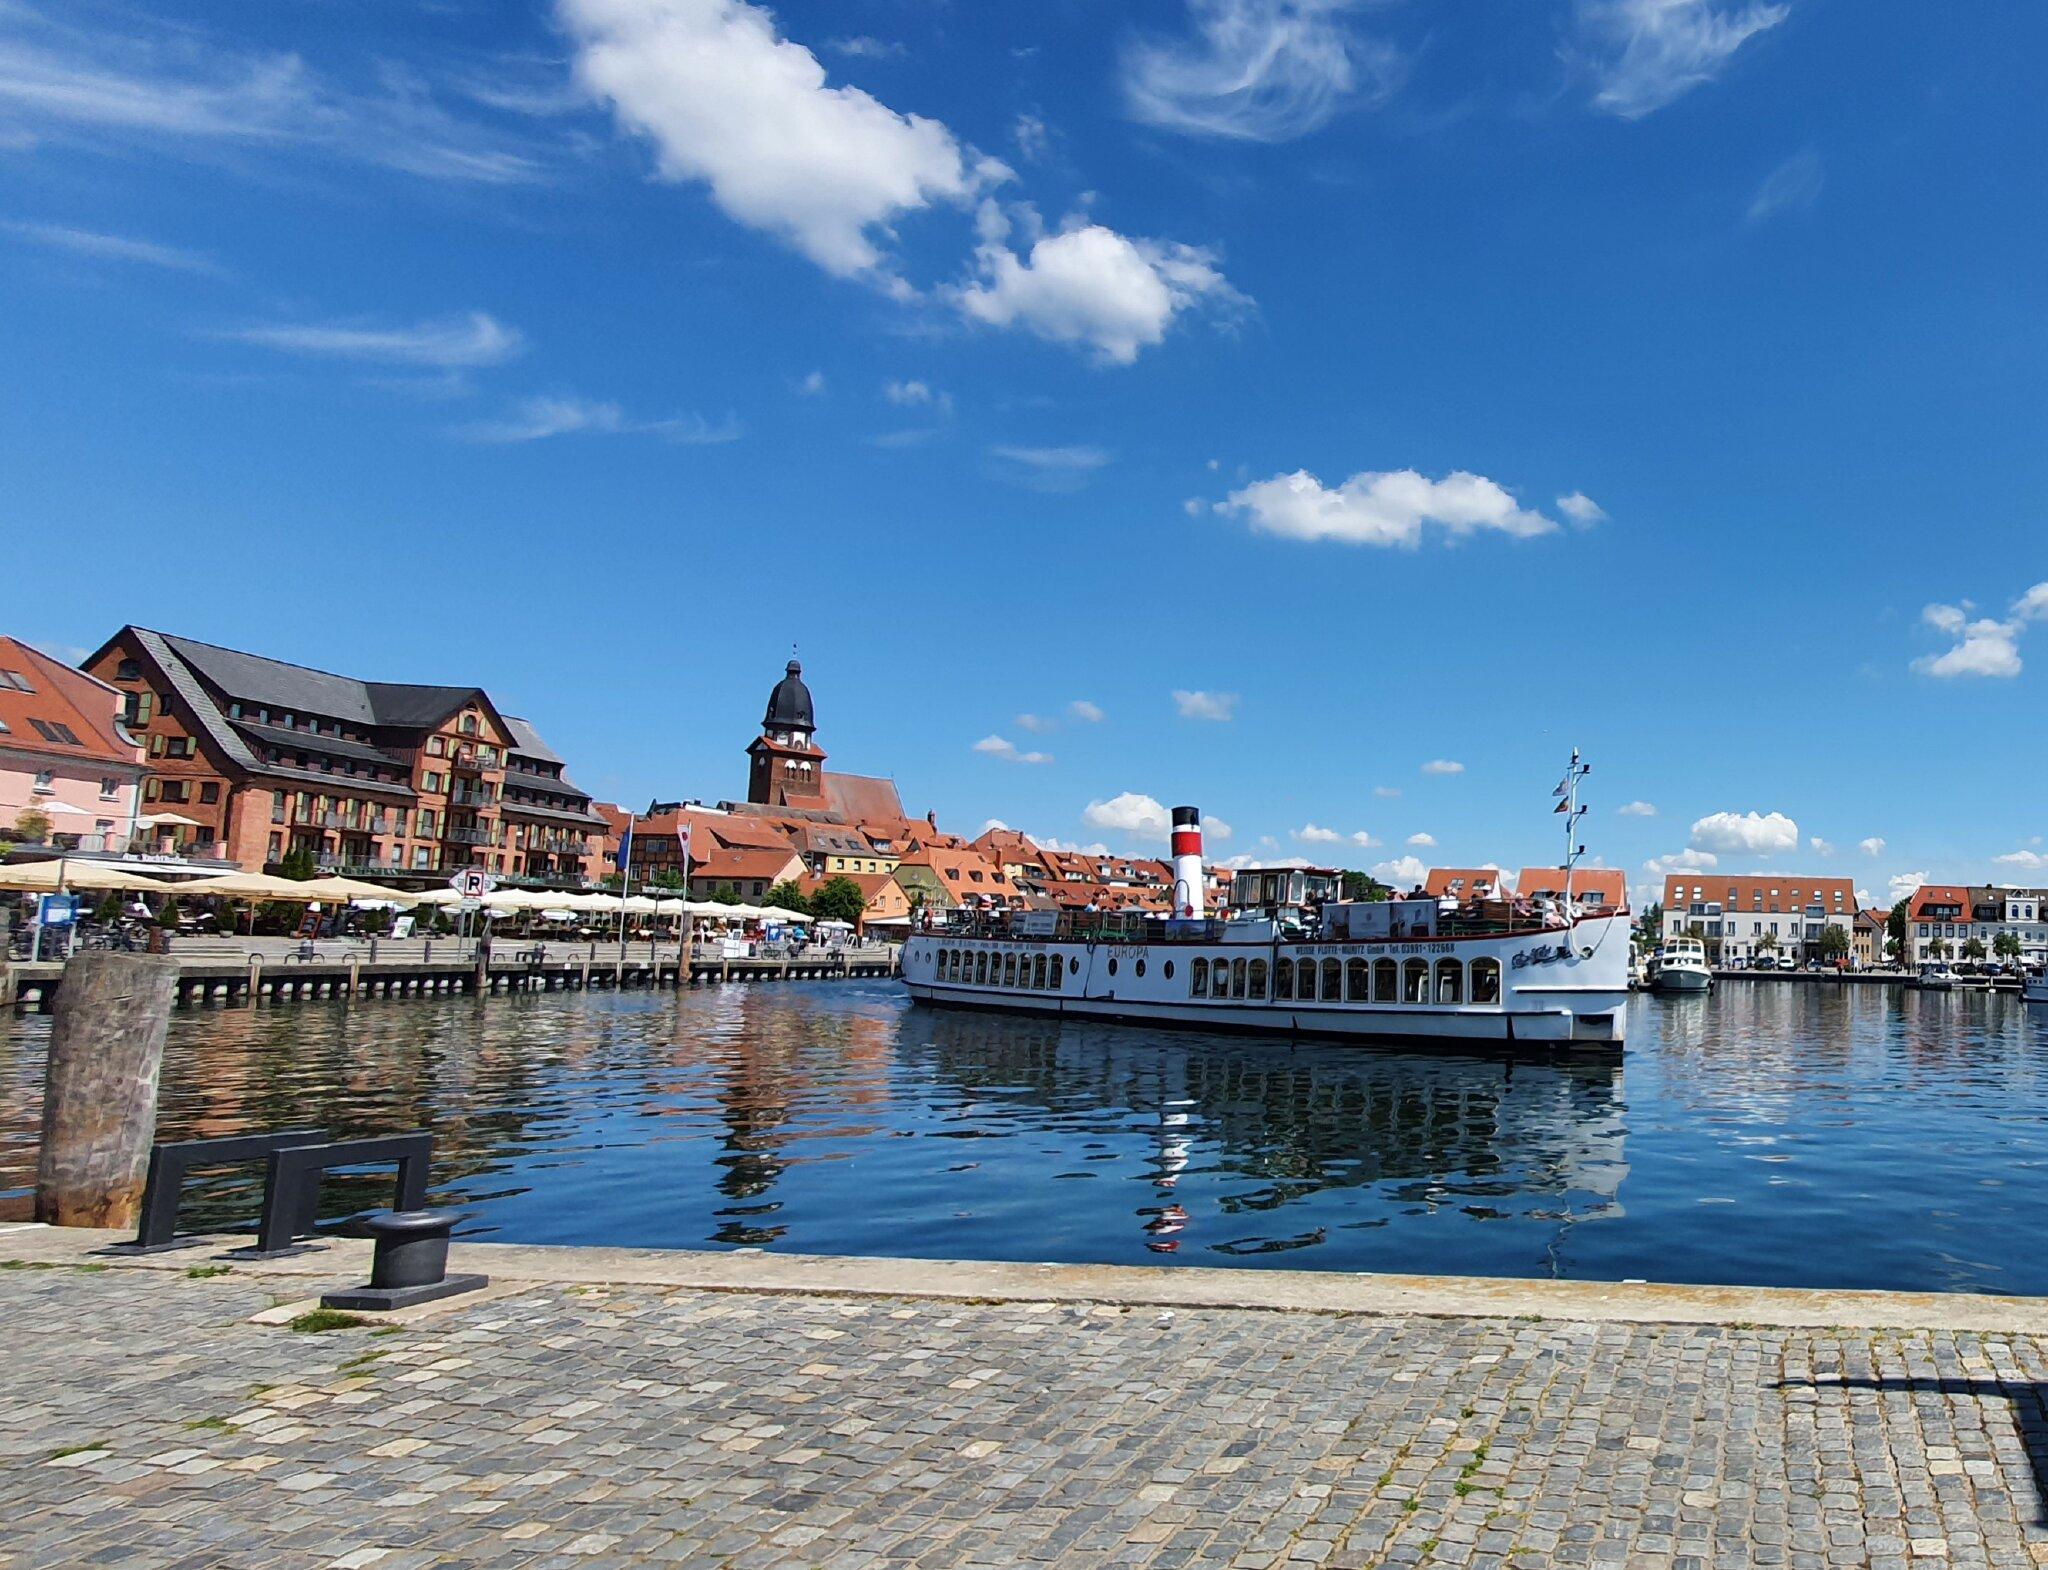 Am Hafen der Kreisstadt Waren